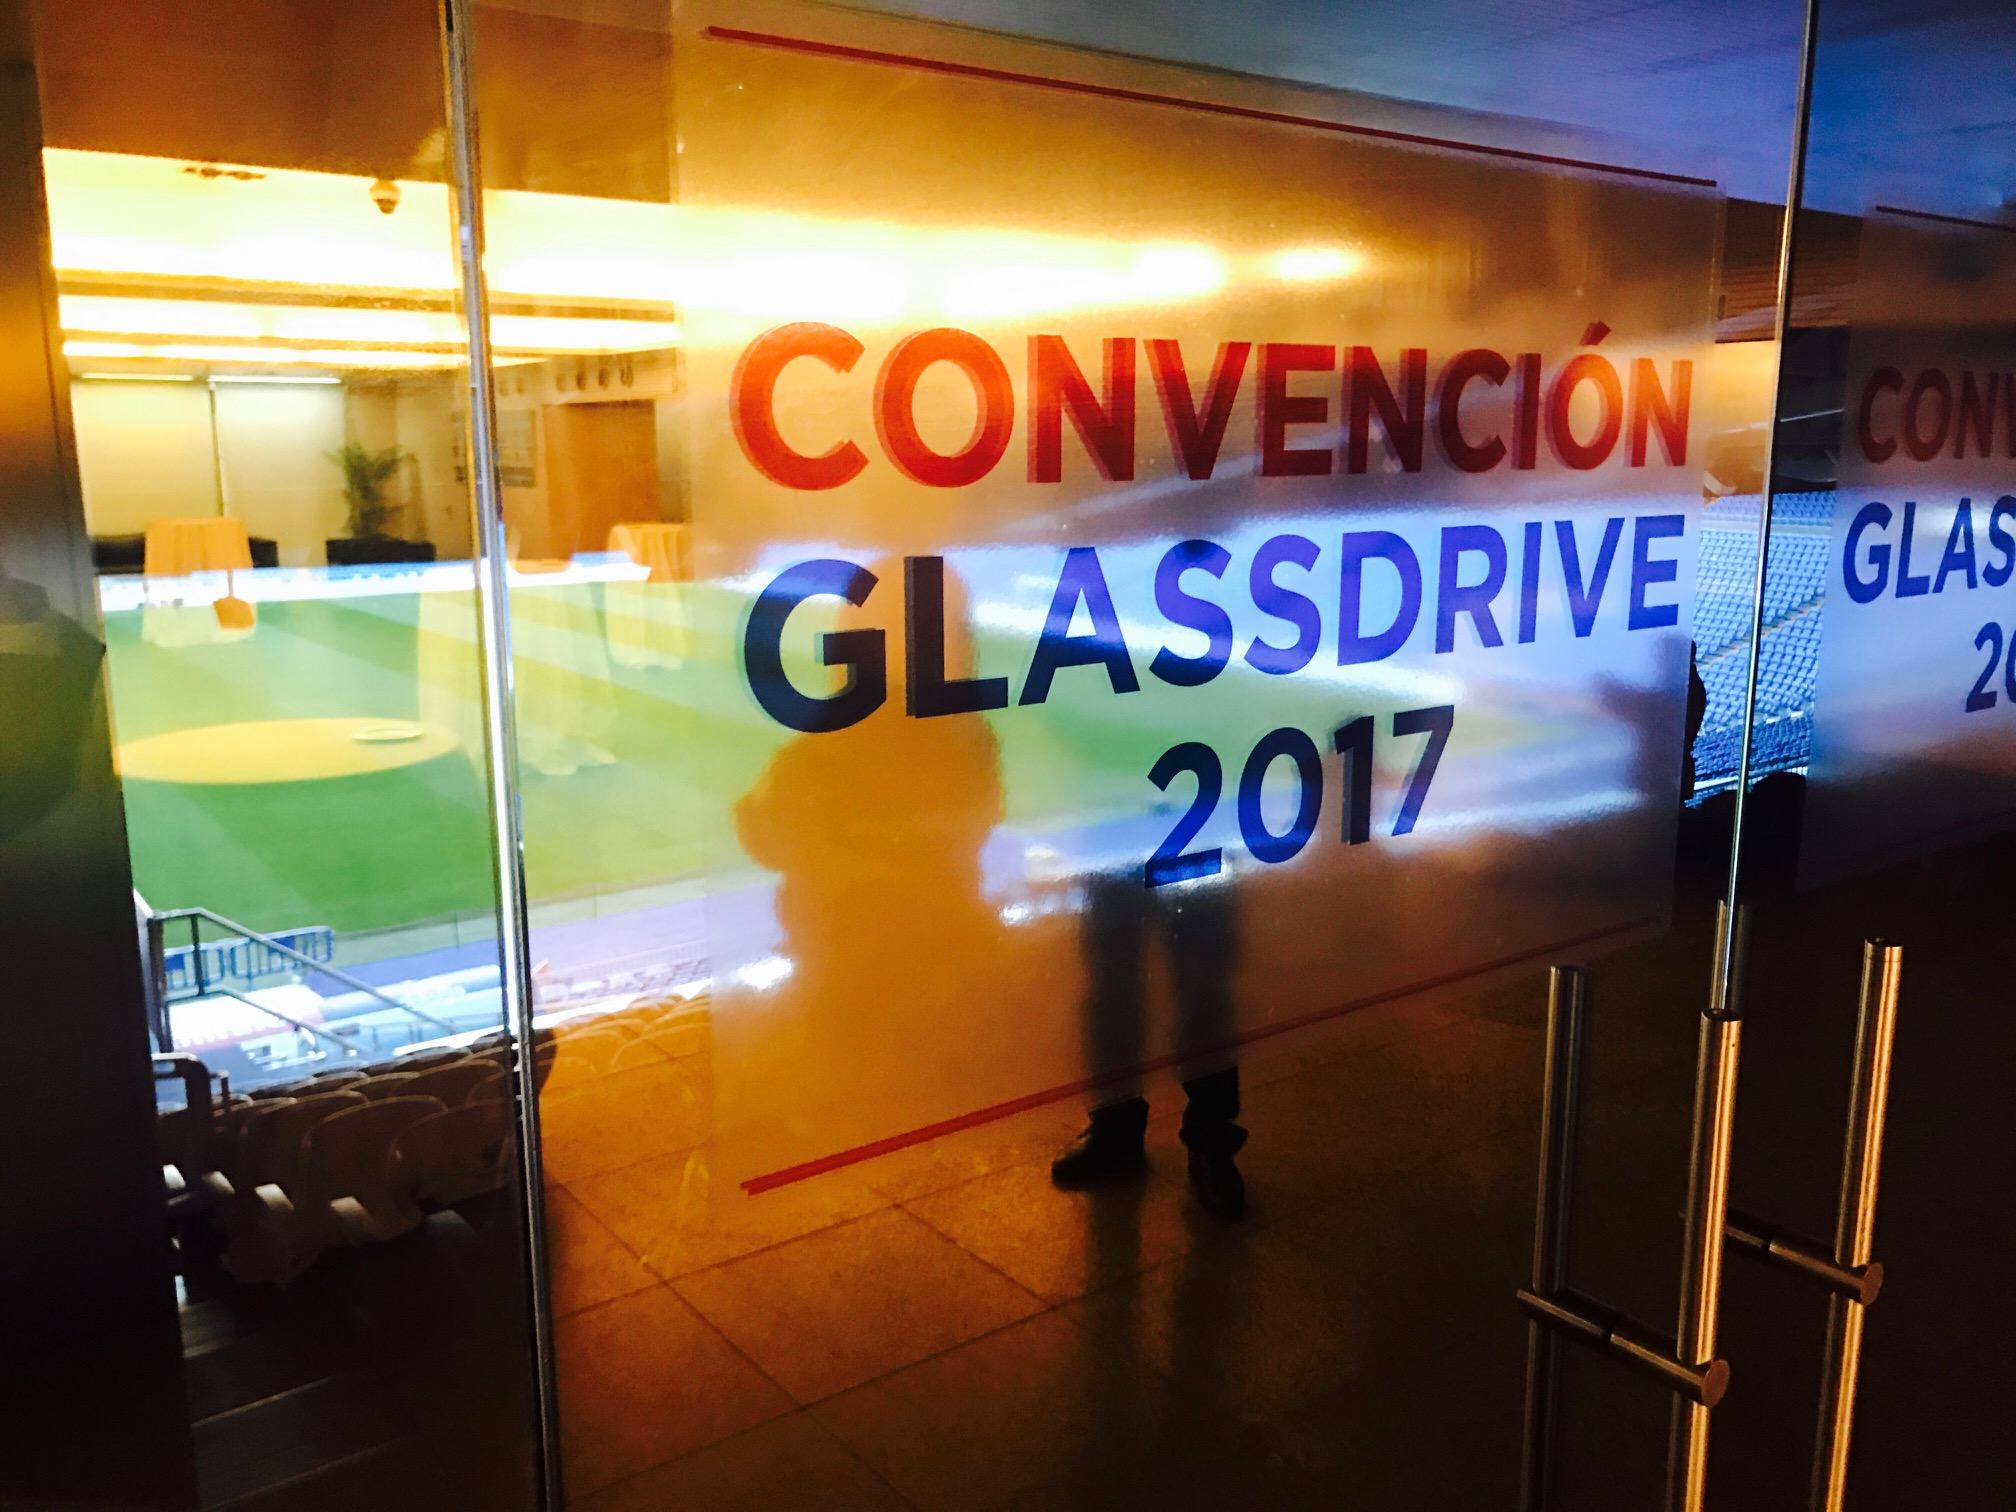 Convención Anual GlassDrive 2017